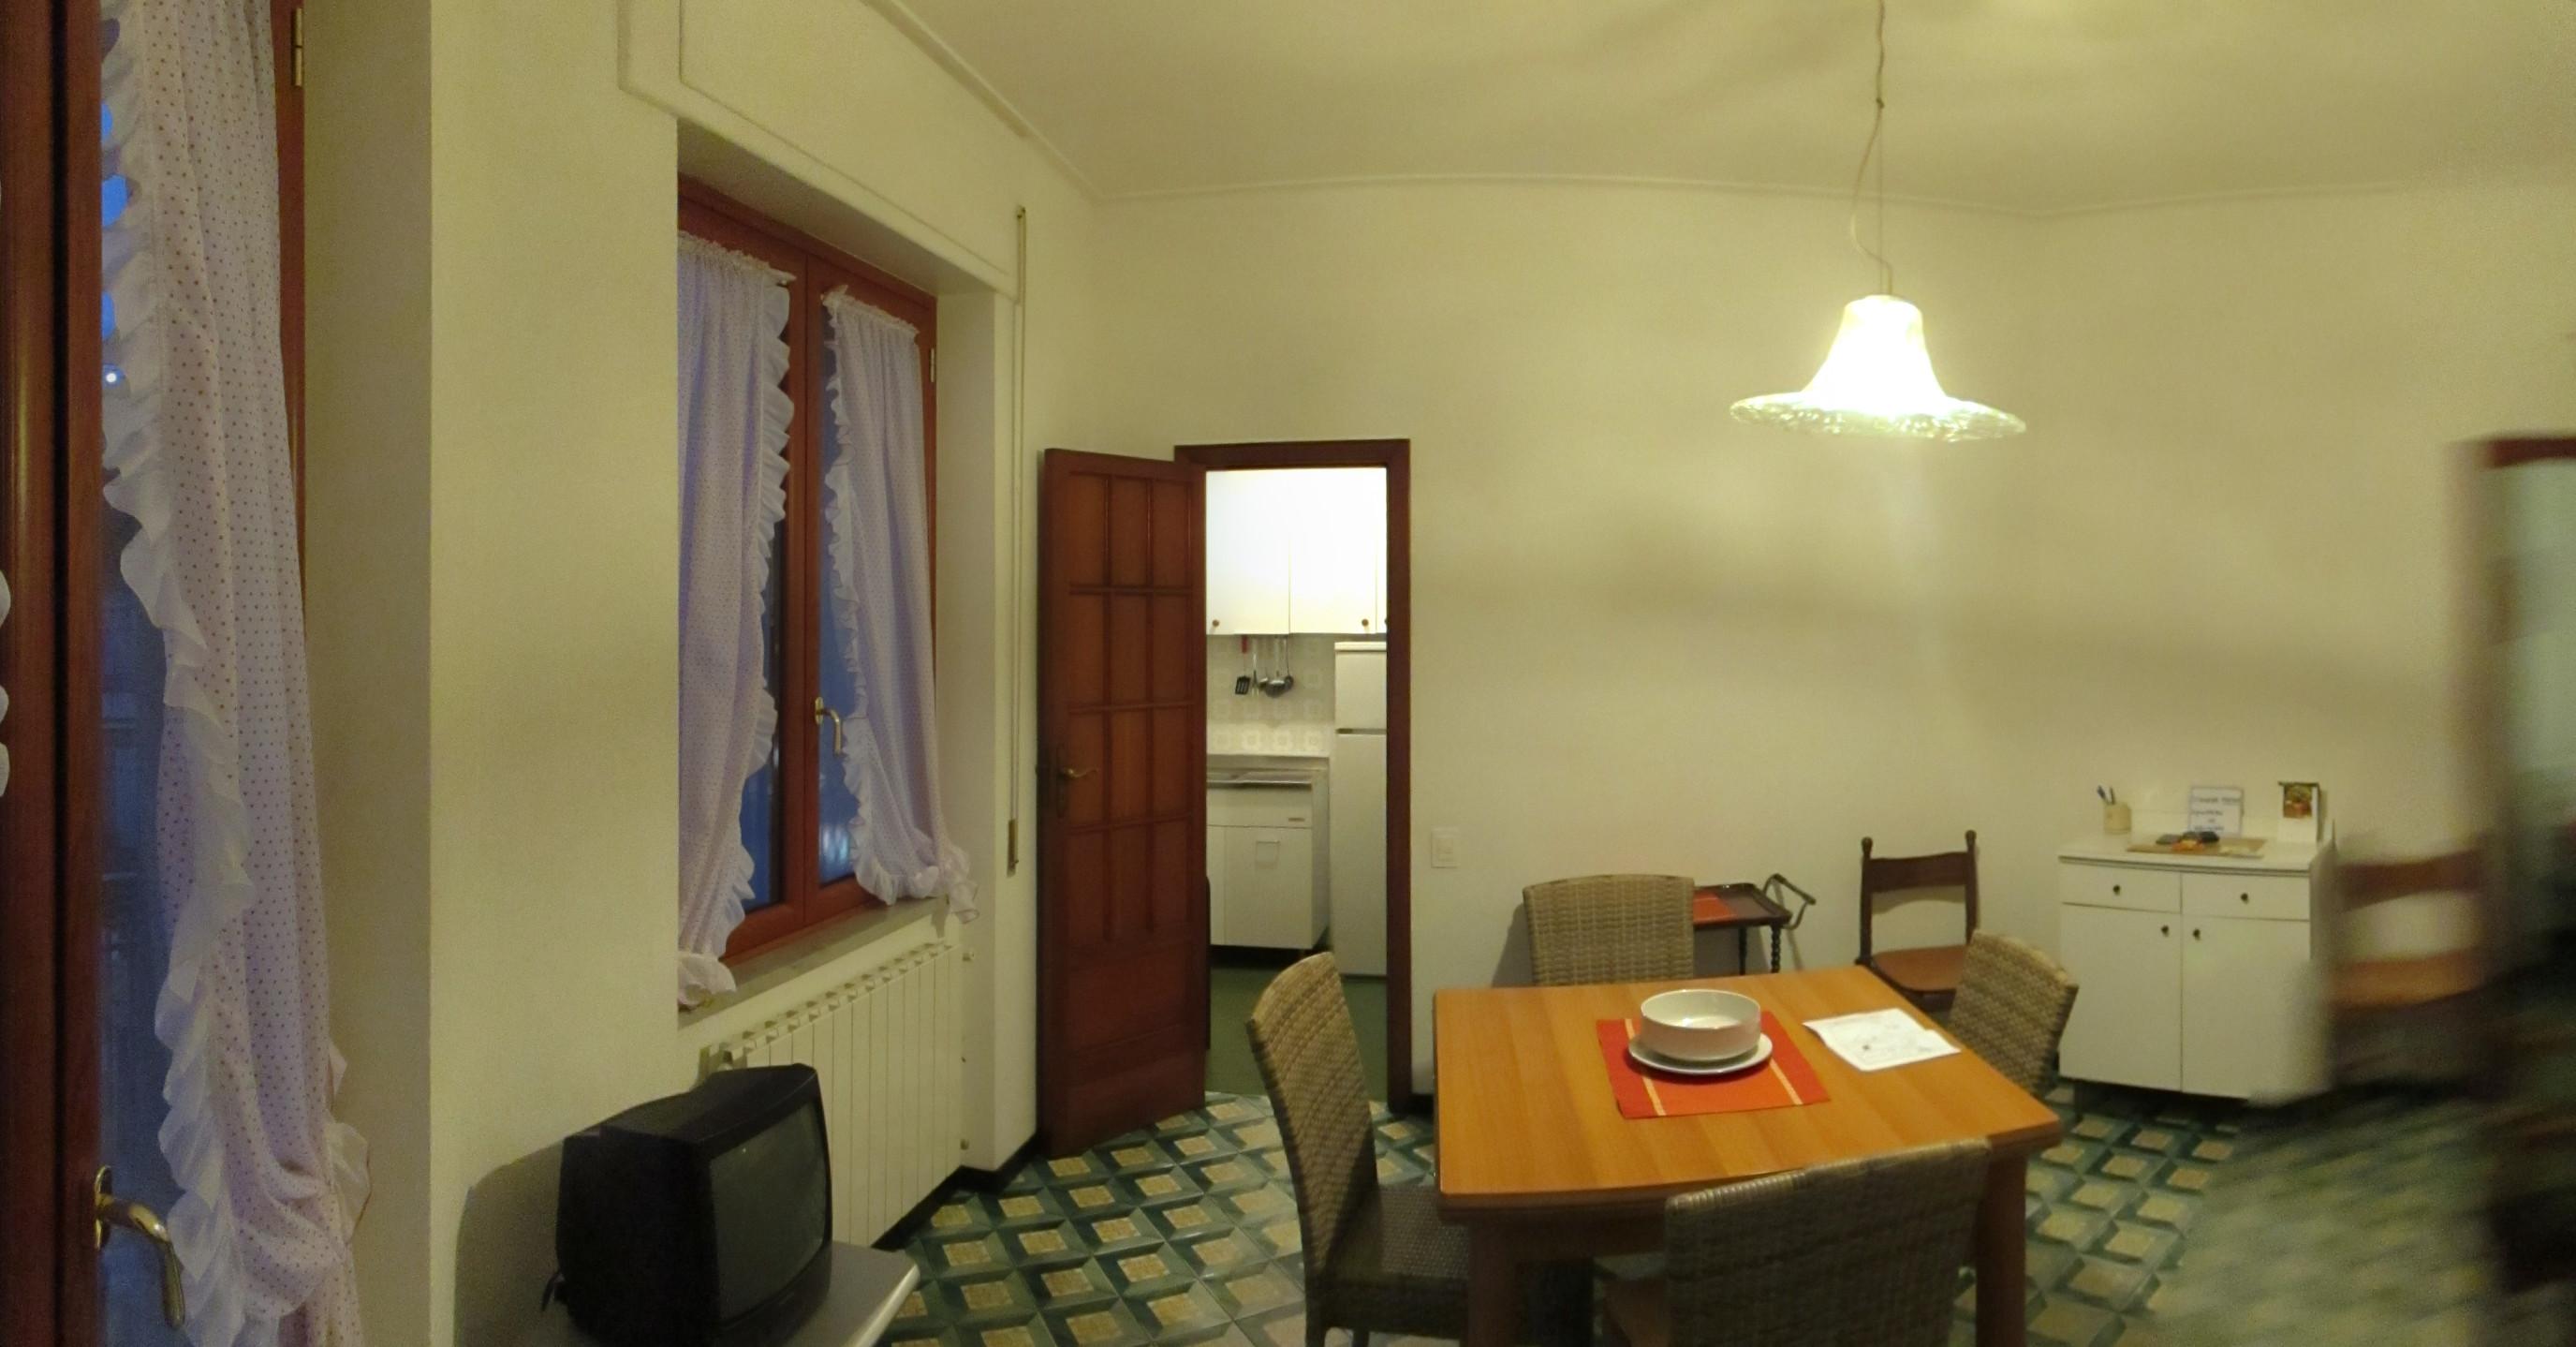 Centrale ampia metratura ideale 1 casa for Arredo bagno albenga